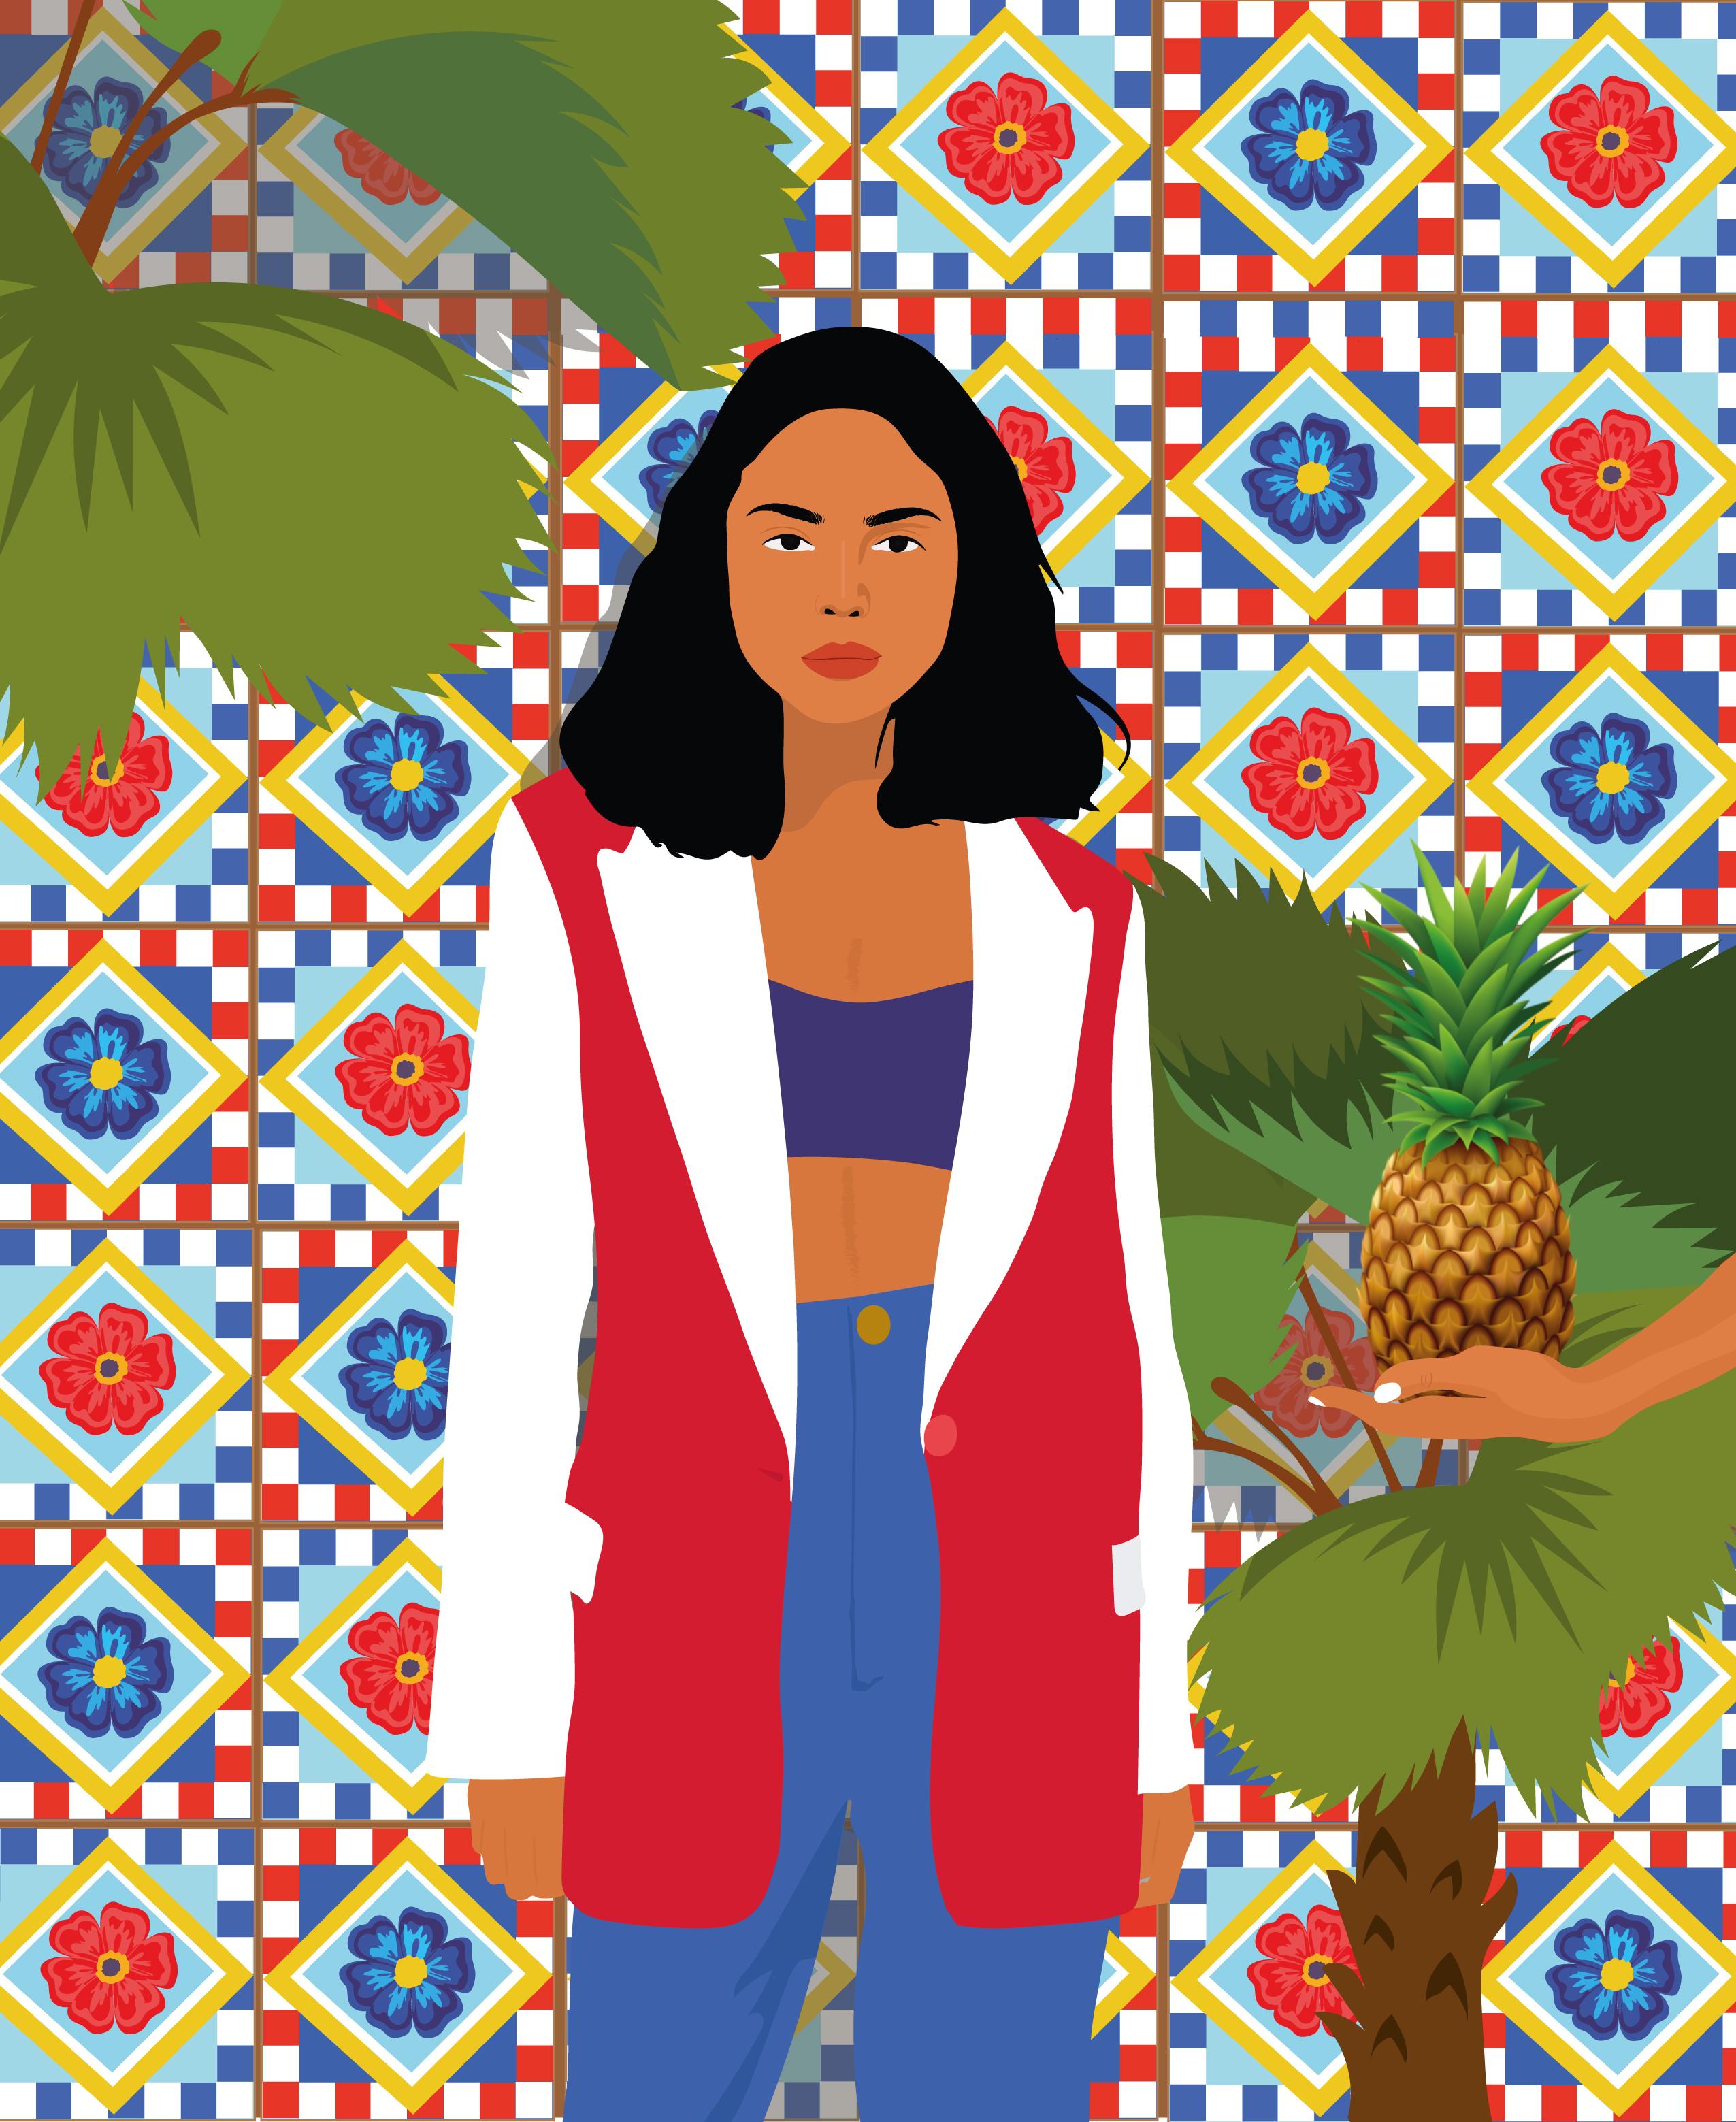 abacaxi,-nao-obrigado - camila pinheiroj